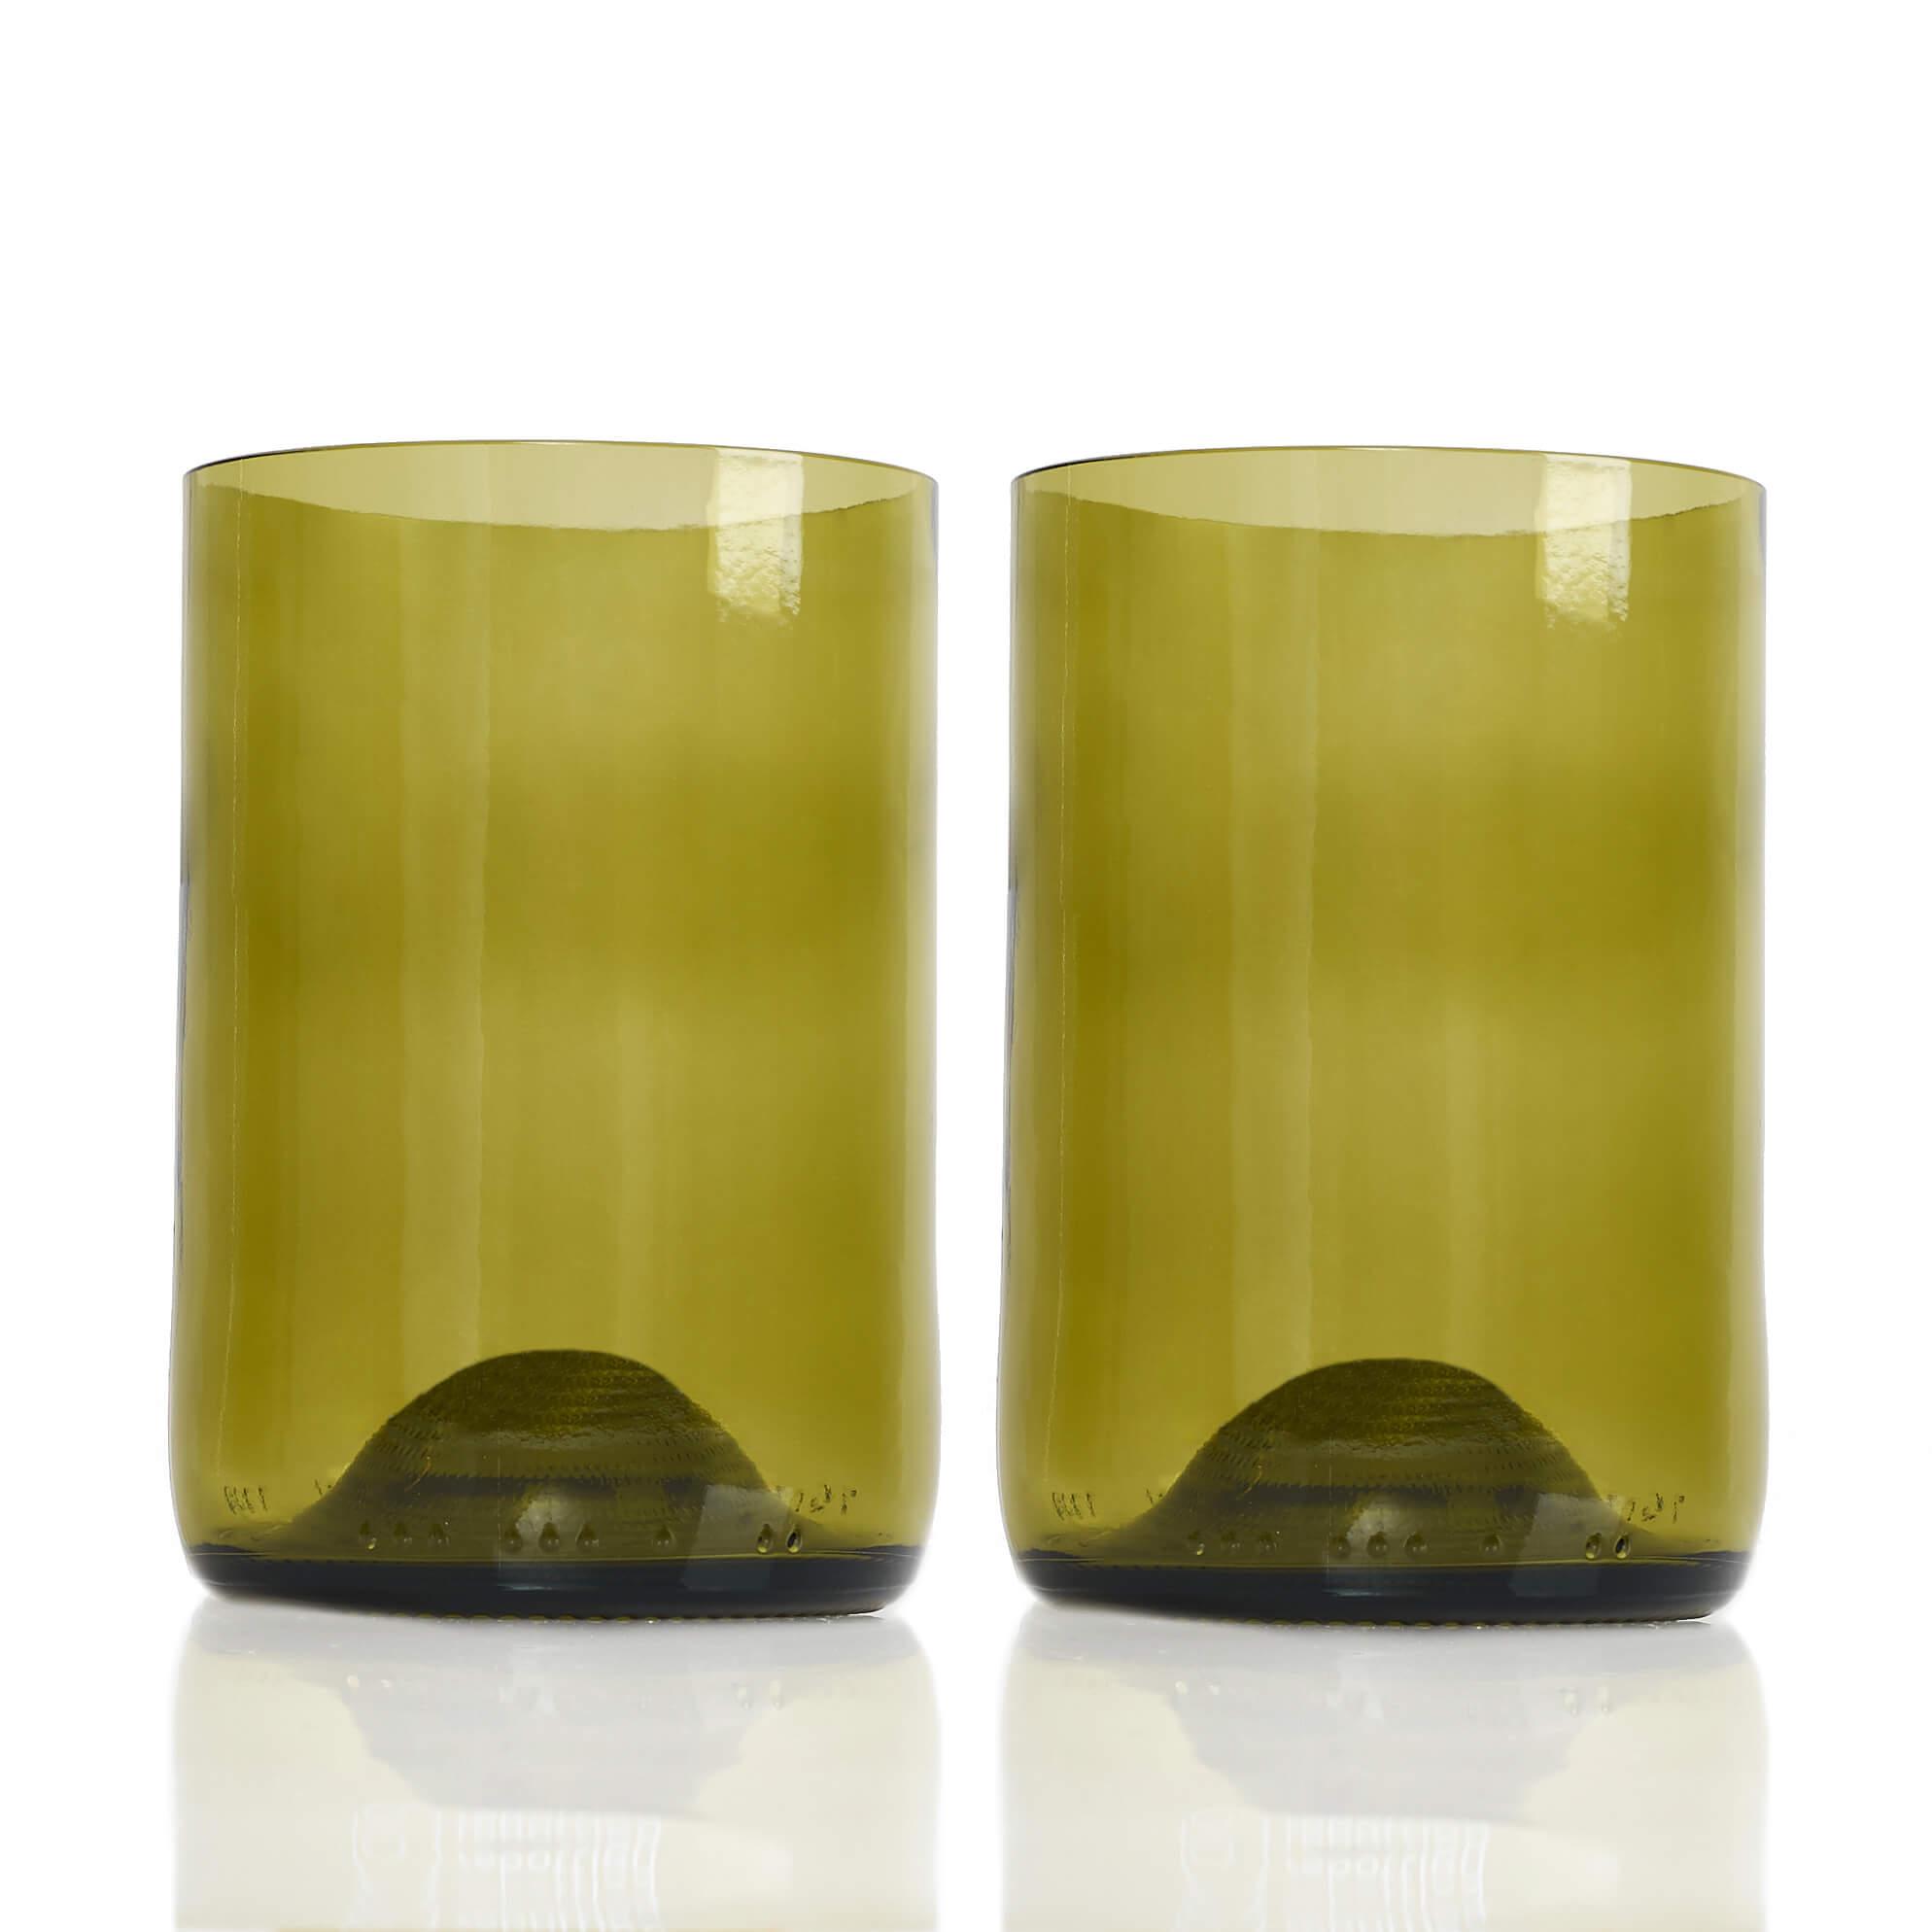 Rebottled Drinkglas 2-Pack Amber